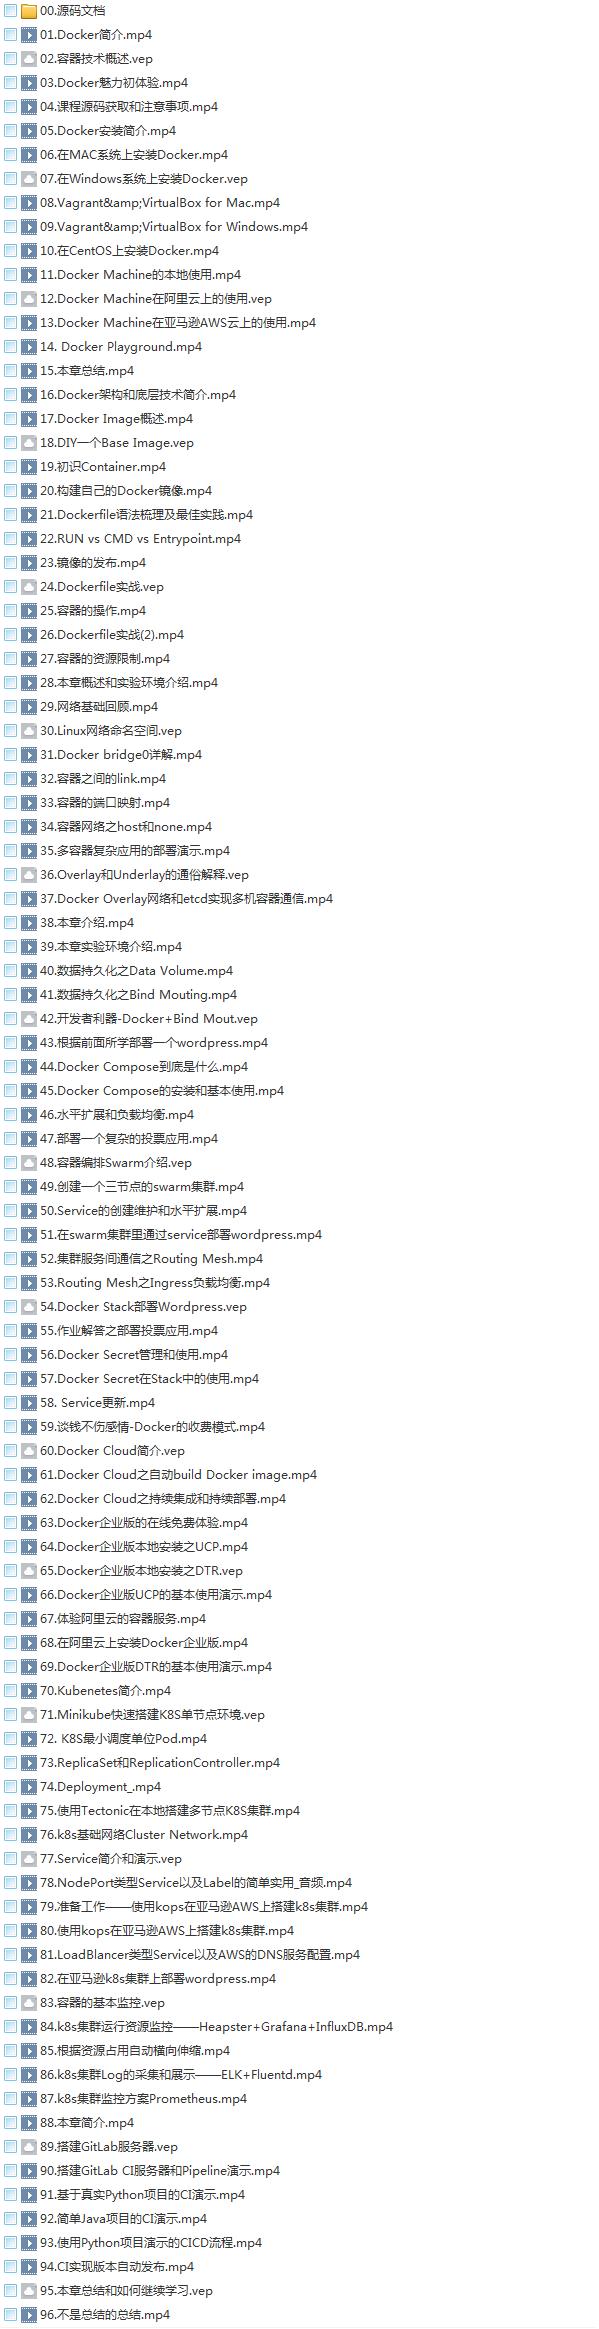 58套java架构师大型分布式企业级项目实战java开发进阶教程学习培训下载插图(23)